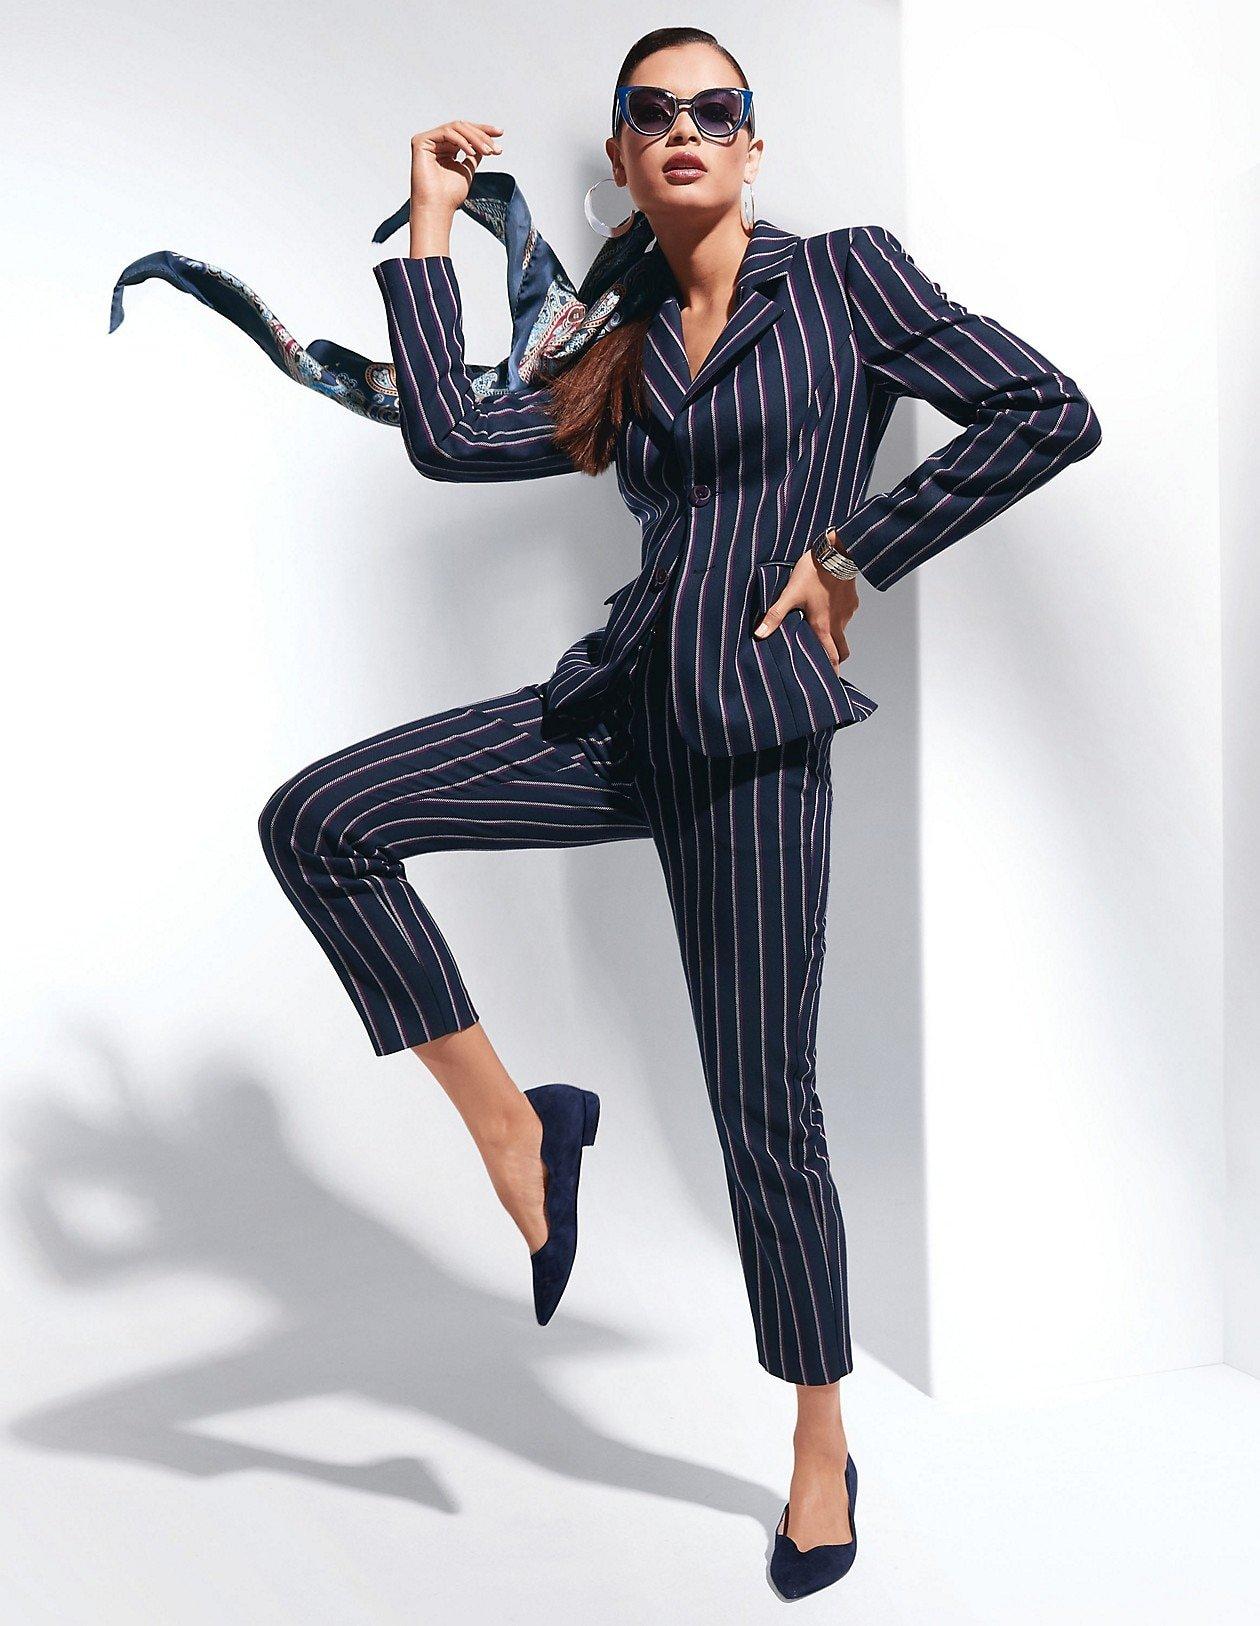 58fac4dc4619 Egy nagy mumus: a klasszikus öltözködés   Stílustükör - Az öltözködés  önbizalom erősítő hatása